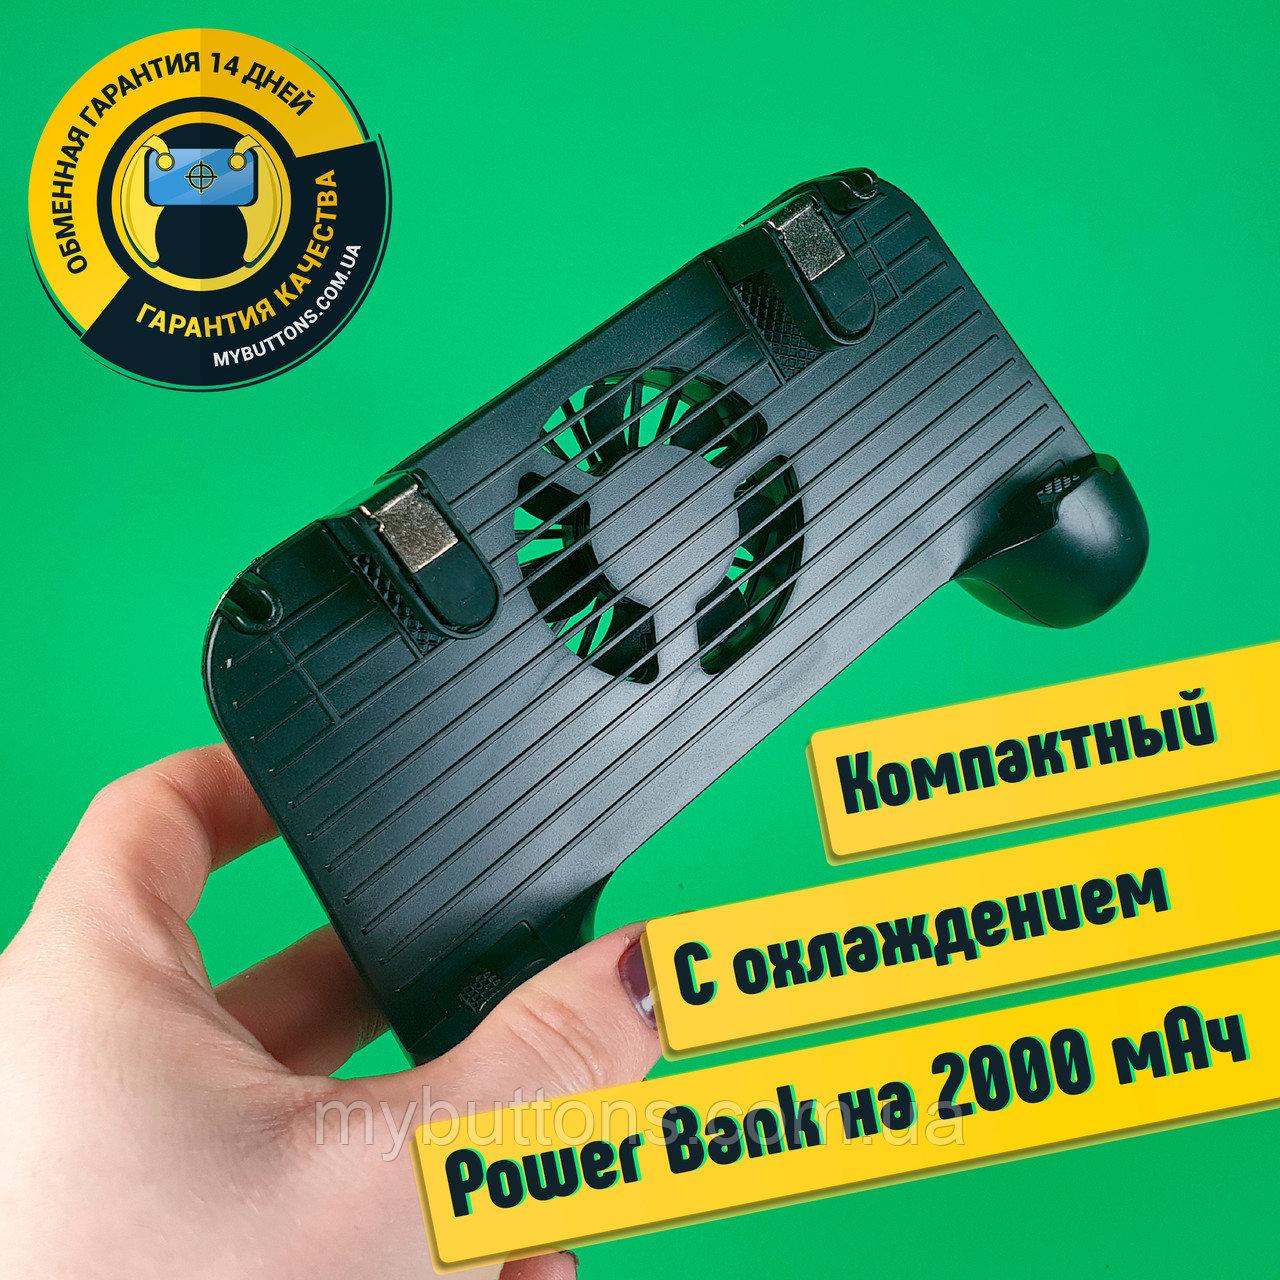 Геймпад триггер Cooling F1 с охлаждением и Power Bank на 2000 мАч дли игр на телефоне